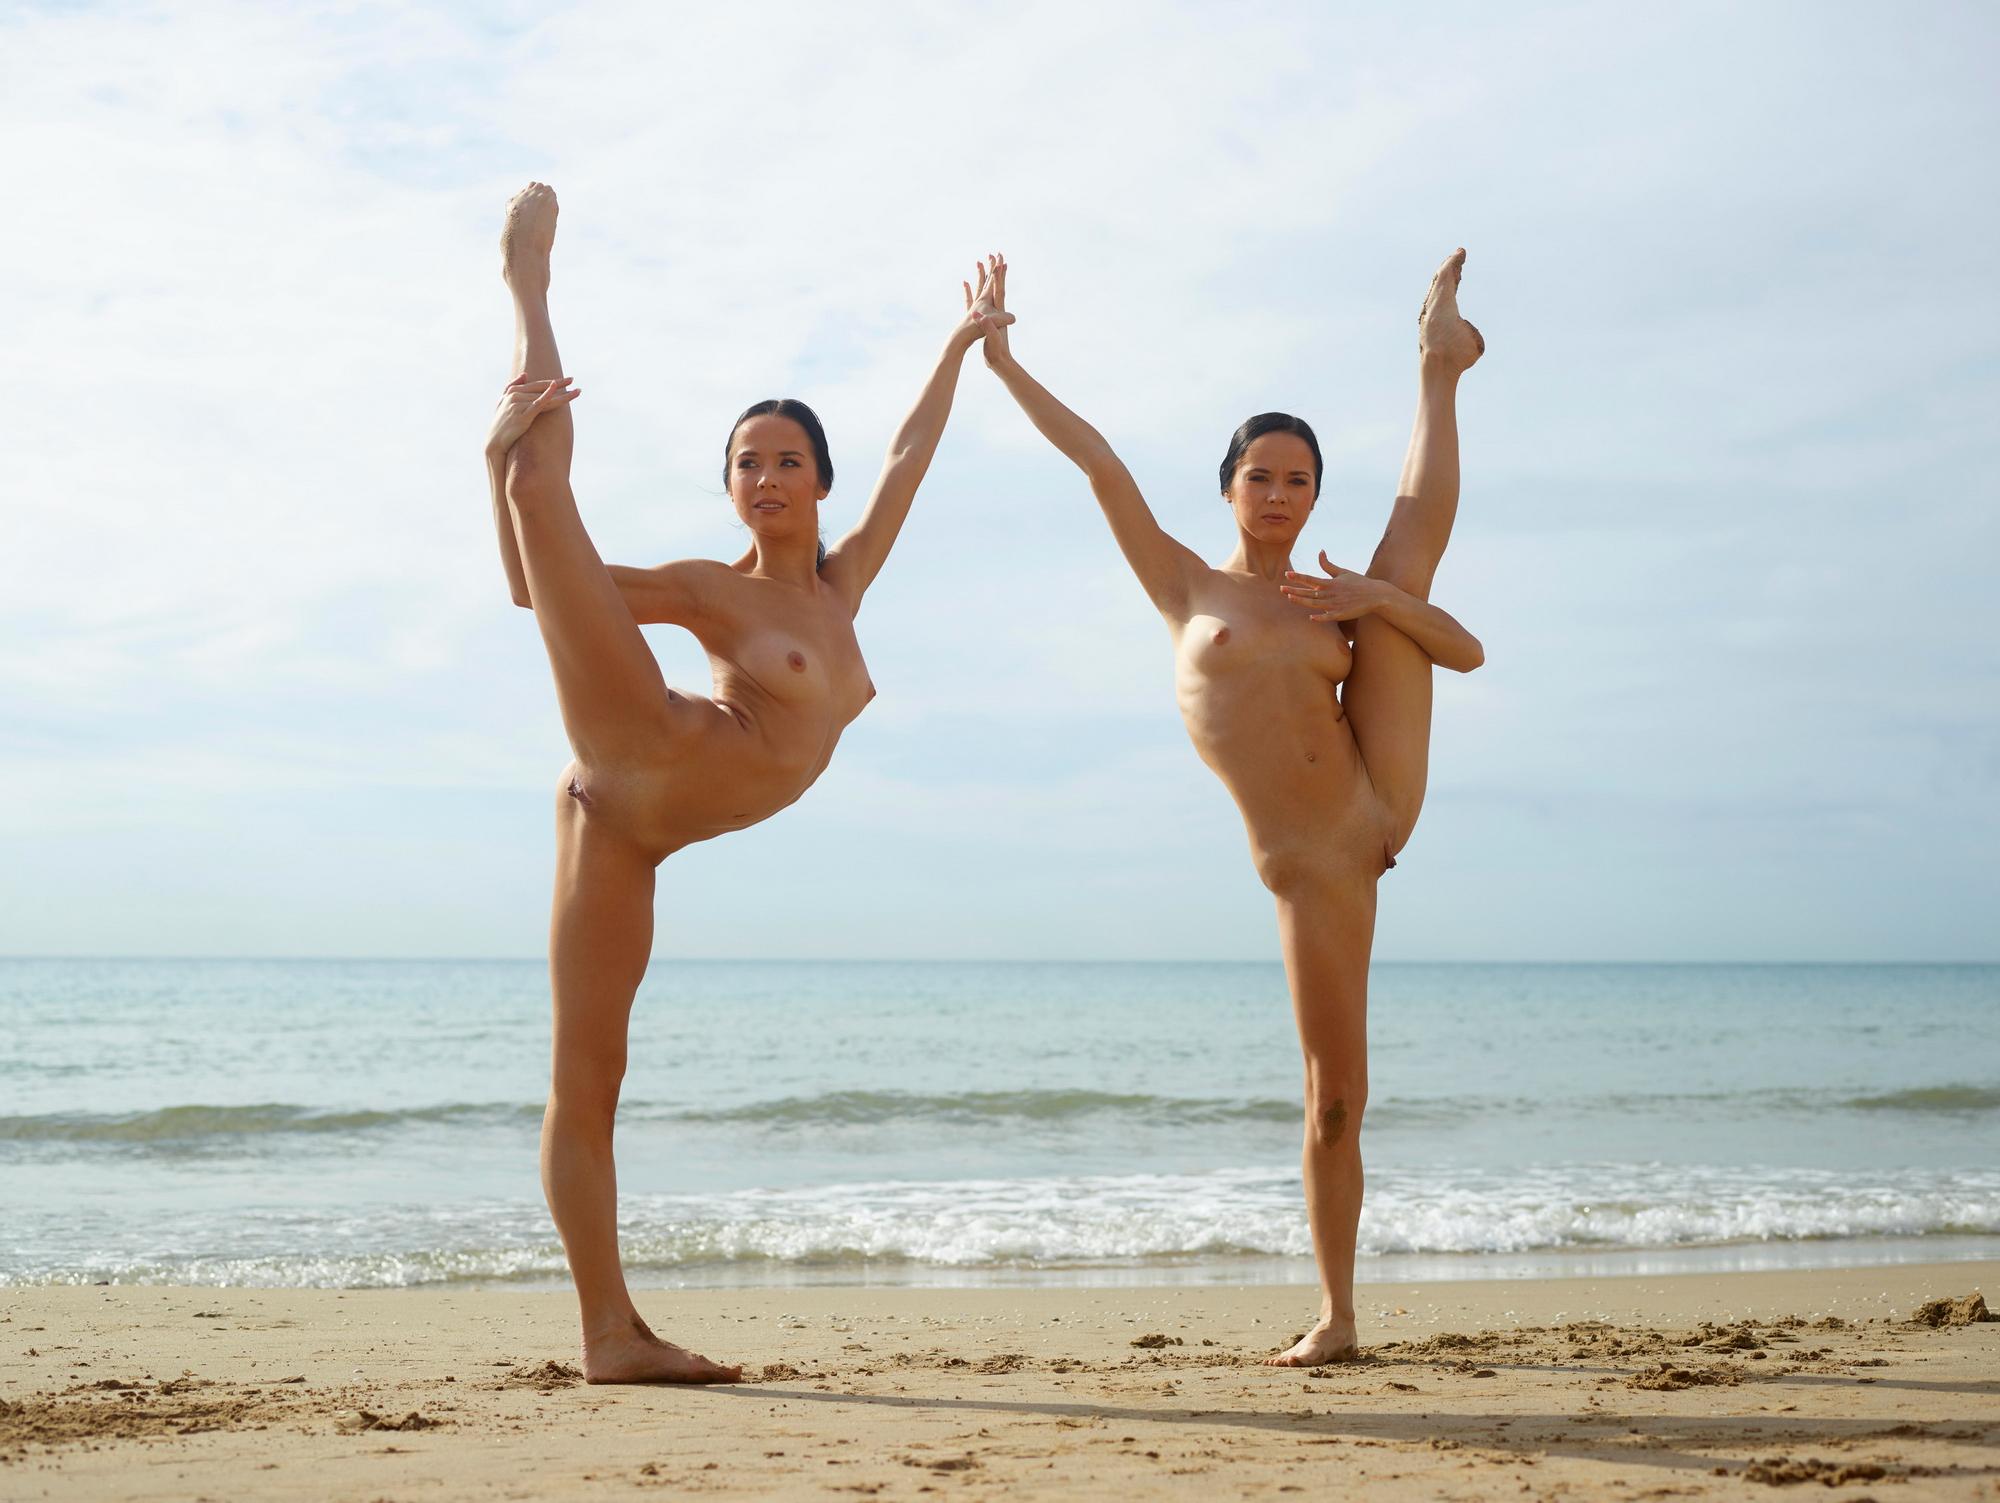 минуту две голые гимнастки на пляже гордым